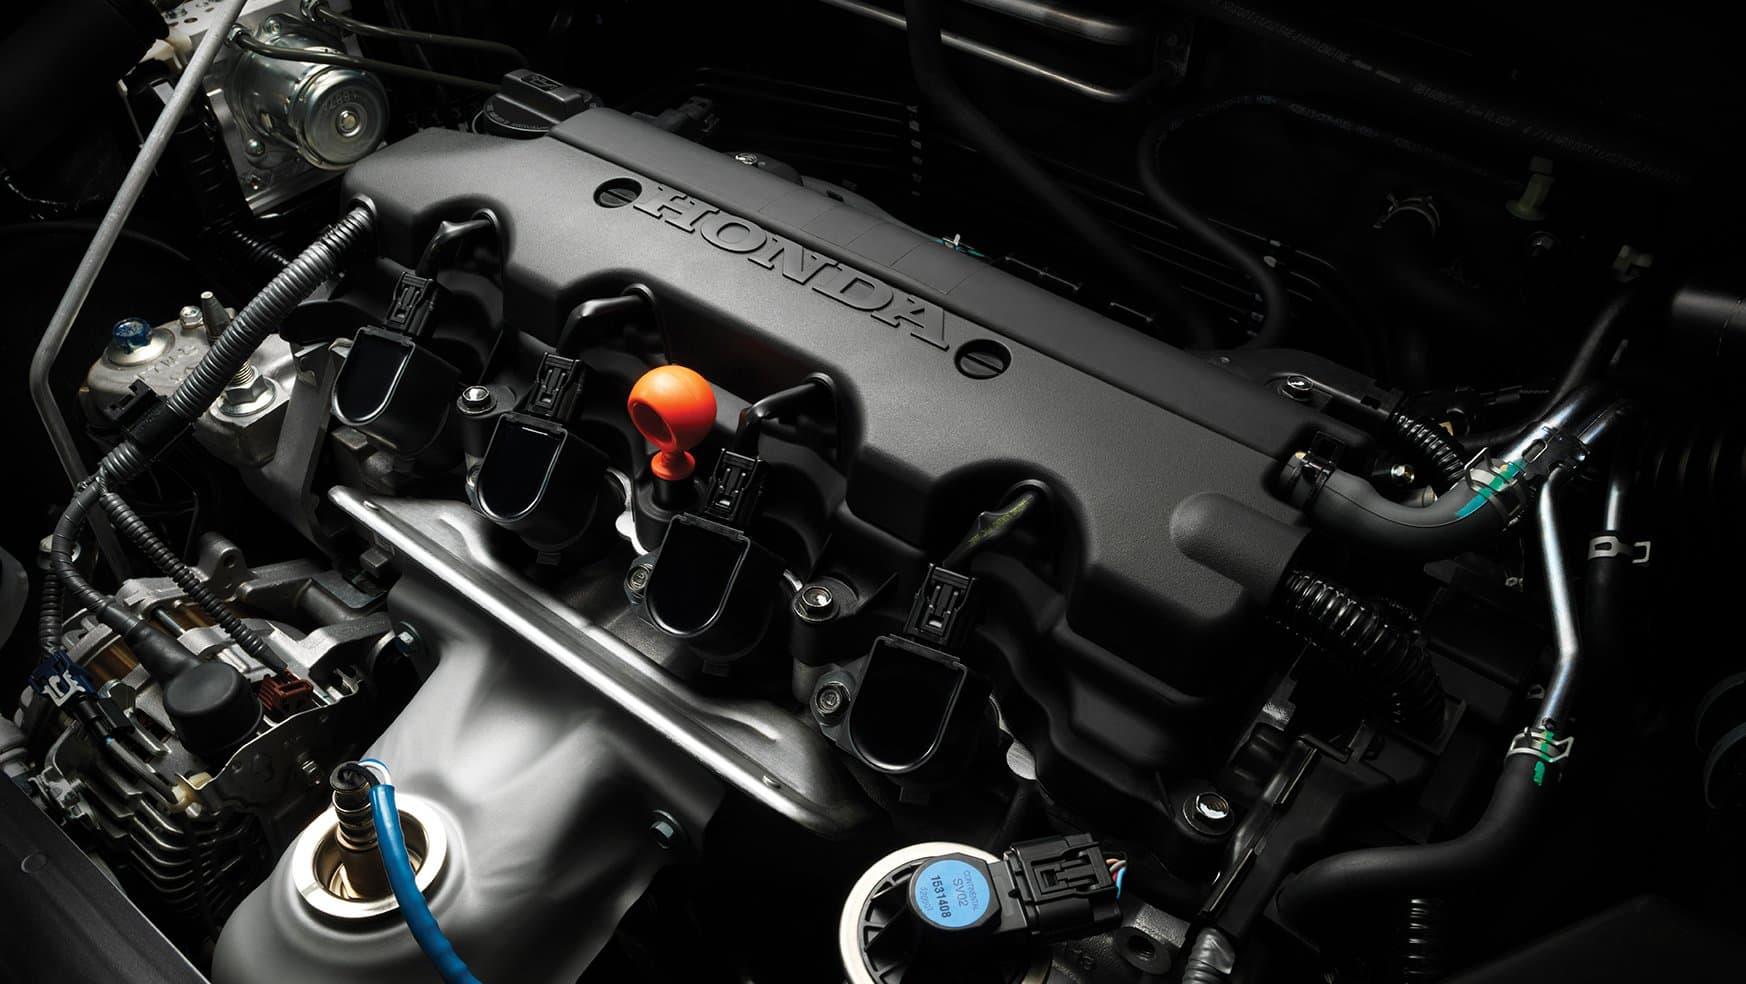 1.8-Liter I-VTEC 4-Cylinder Engine